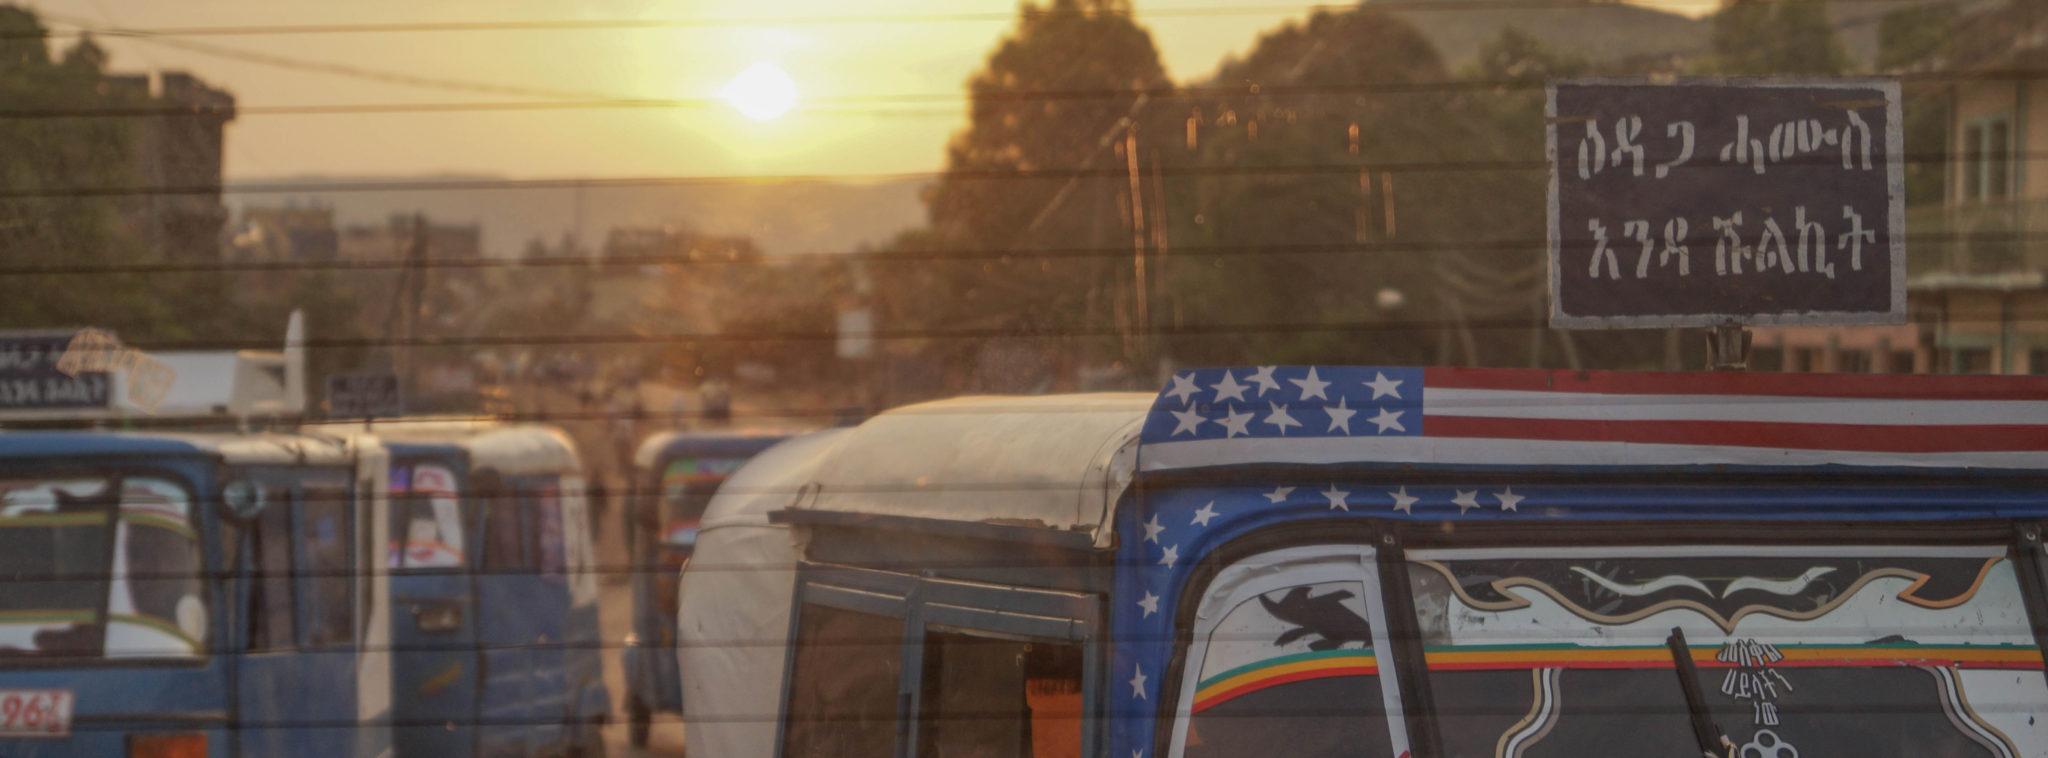 Äthiopien Norden: Reiseroute und Tipps für die Rundreise durch Äthiopien